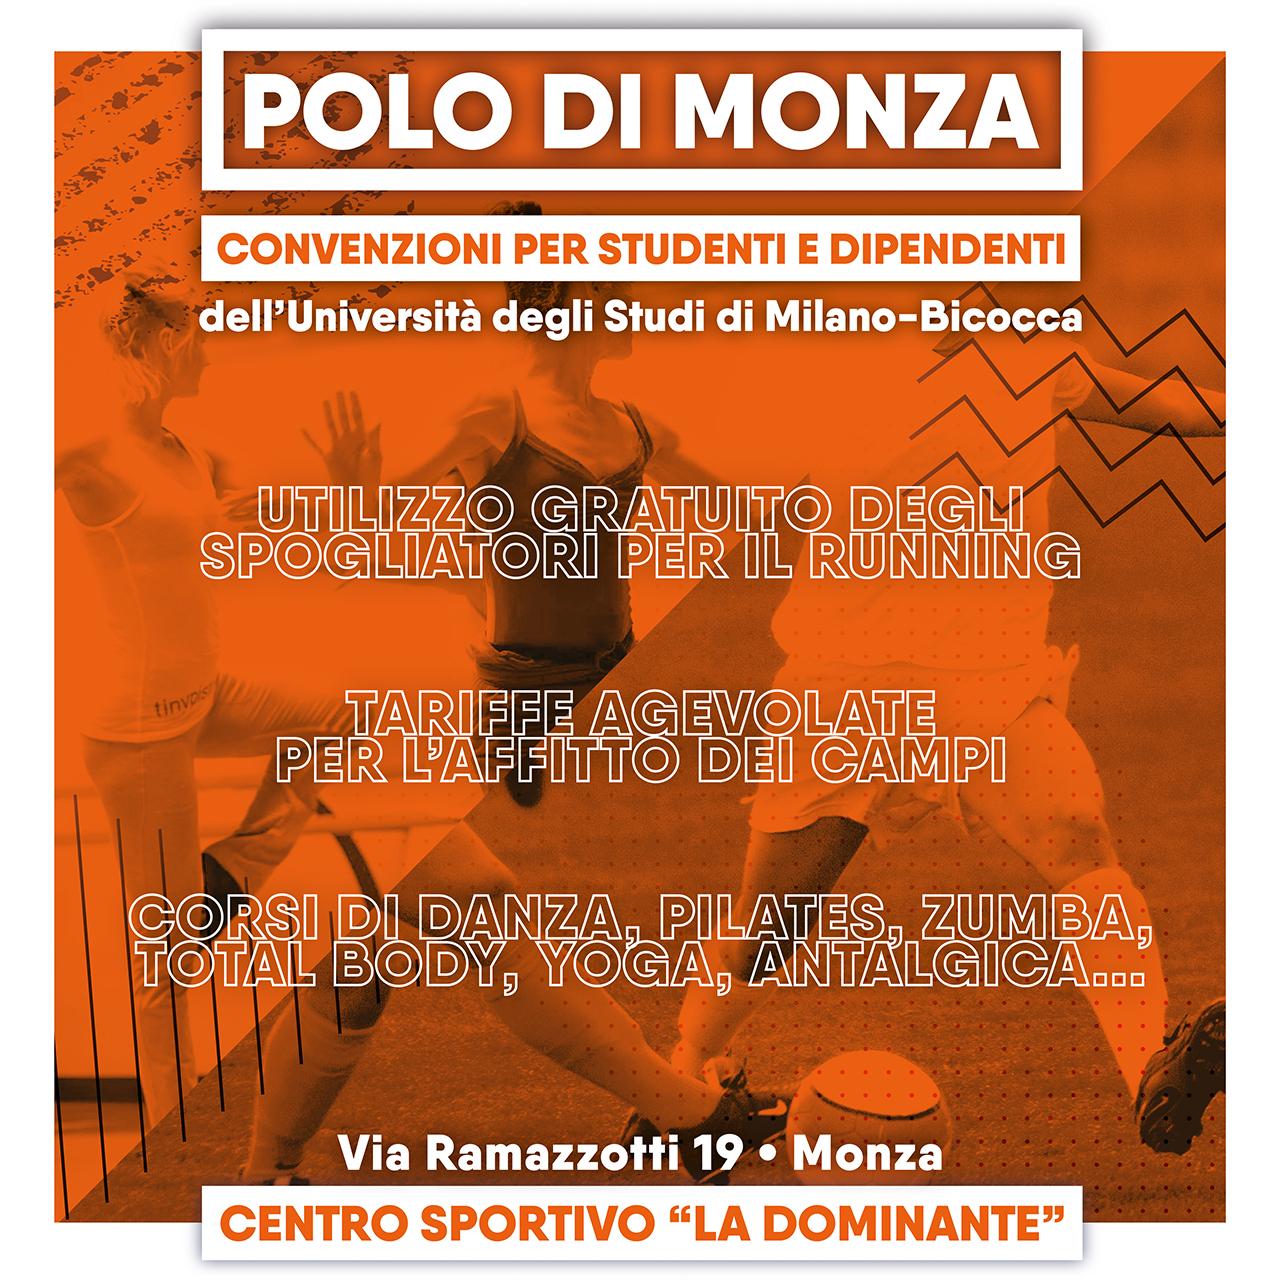 Polo di Monza • Bicocca